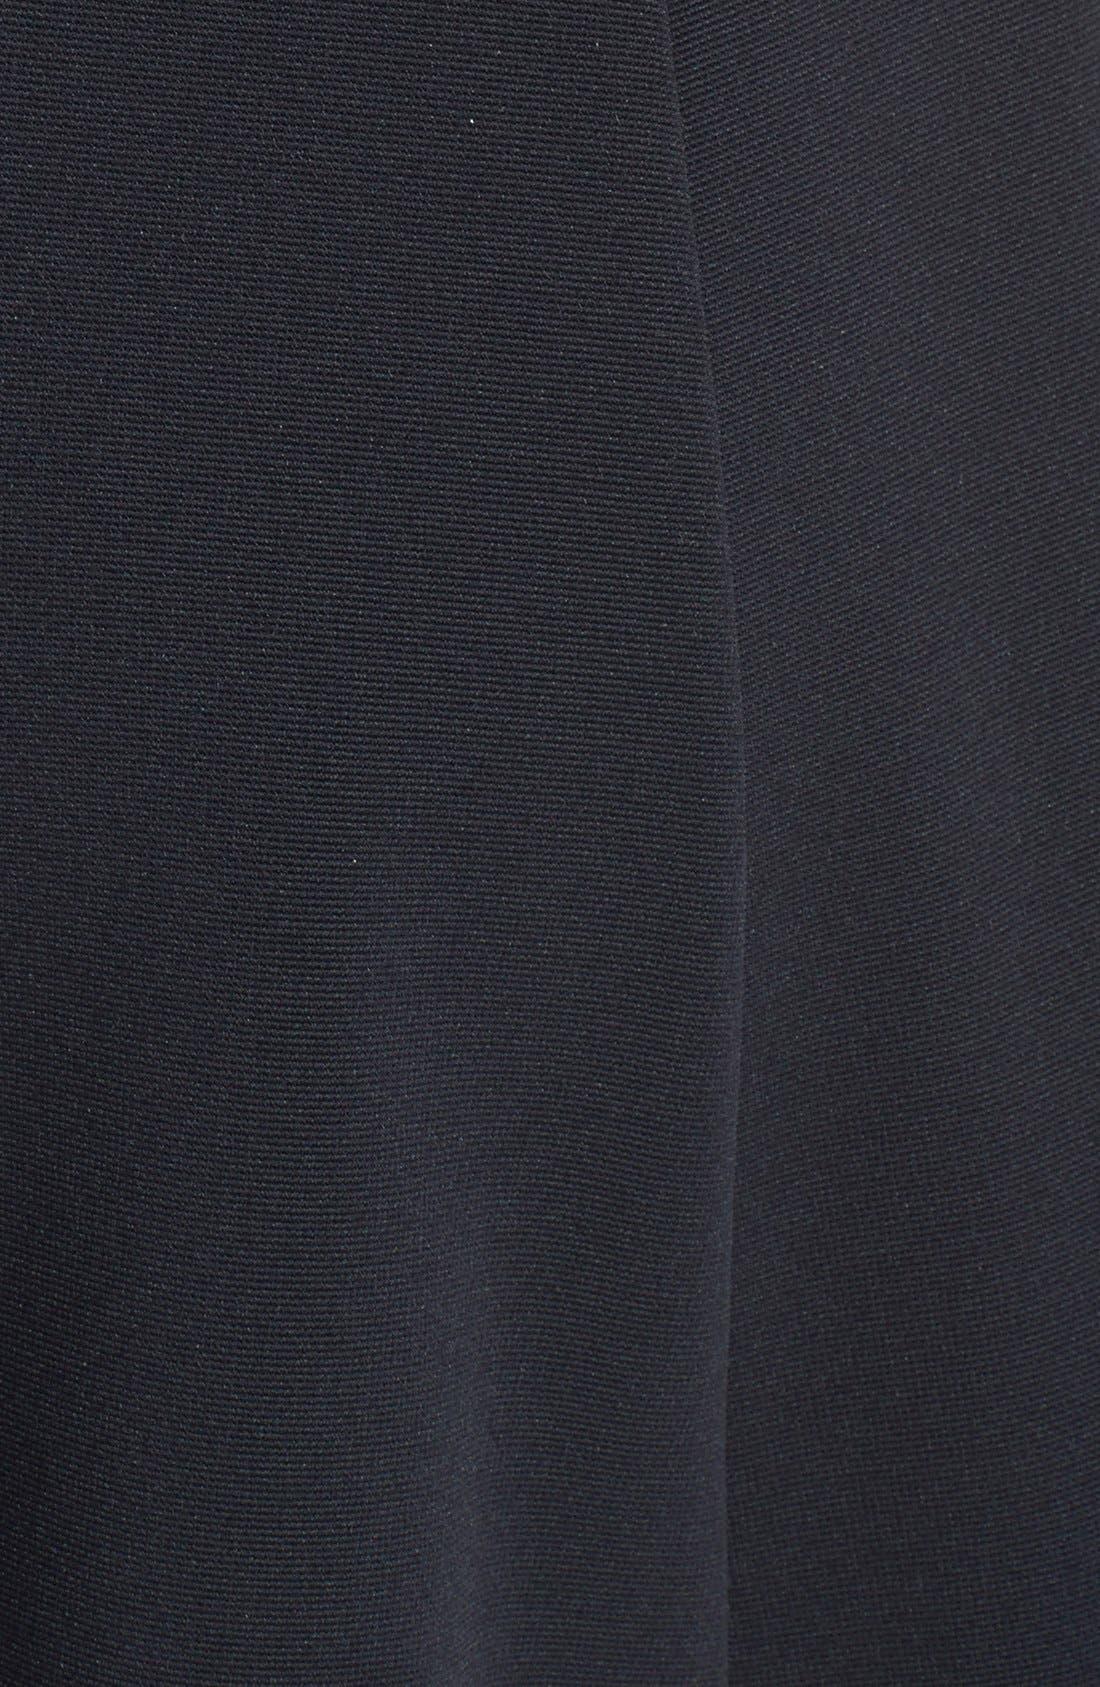 HAILEY LOGAN, Mesh Inset Skater Dress, Alternate thumbnail 4, color, 001